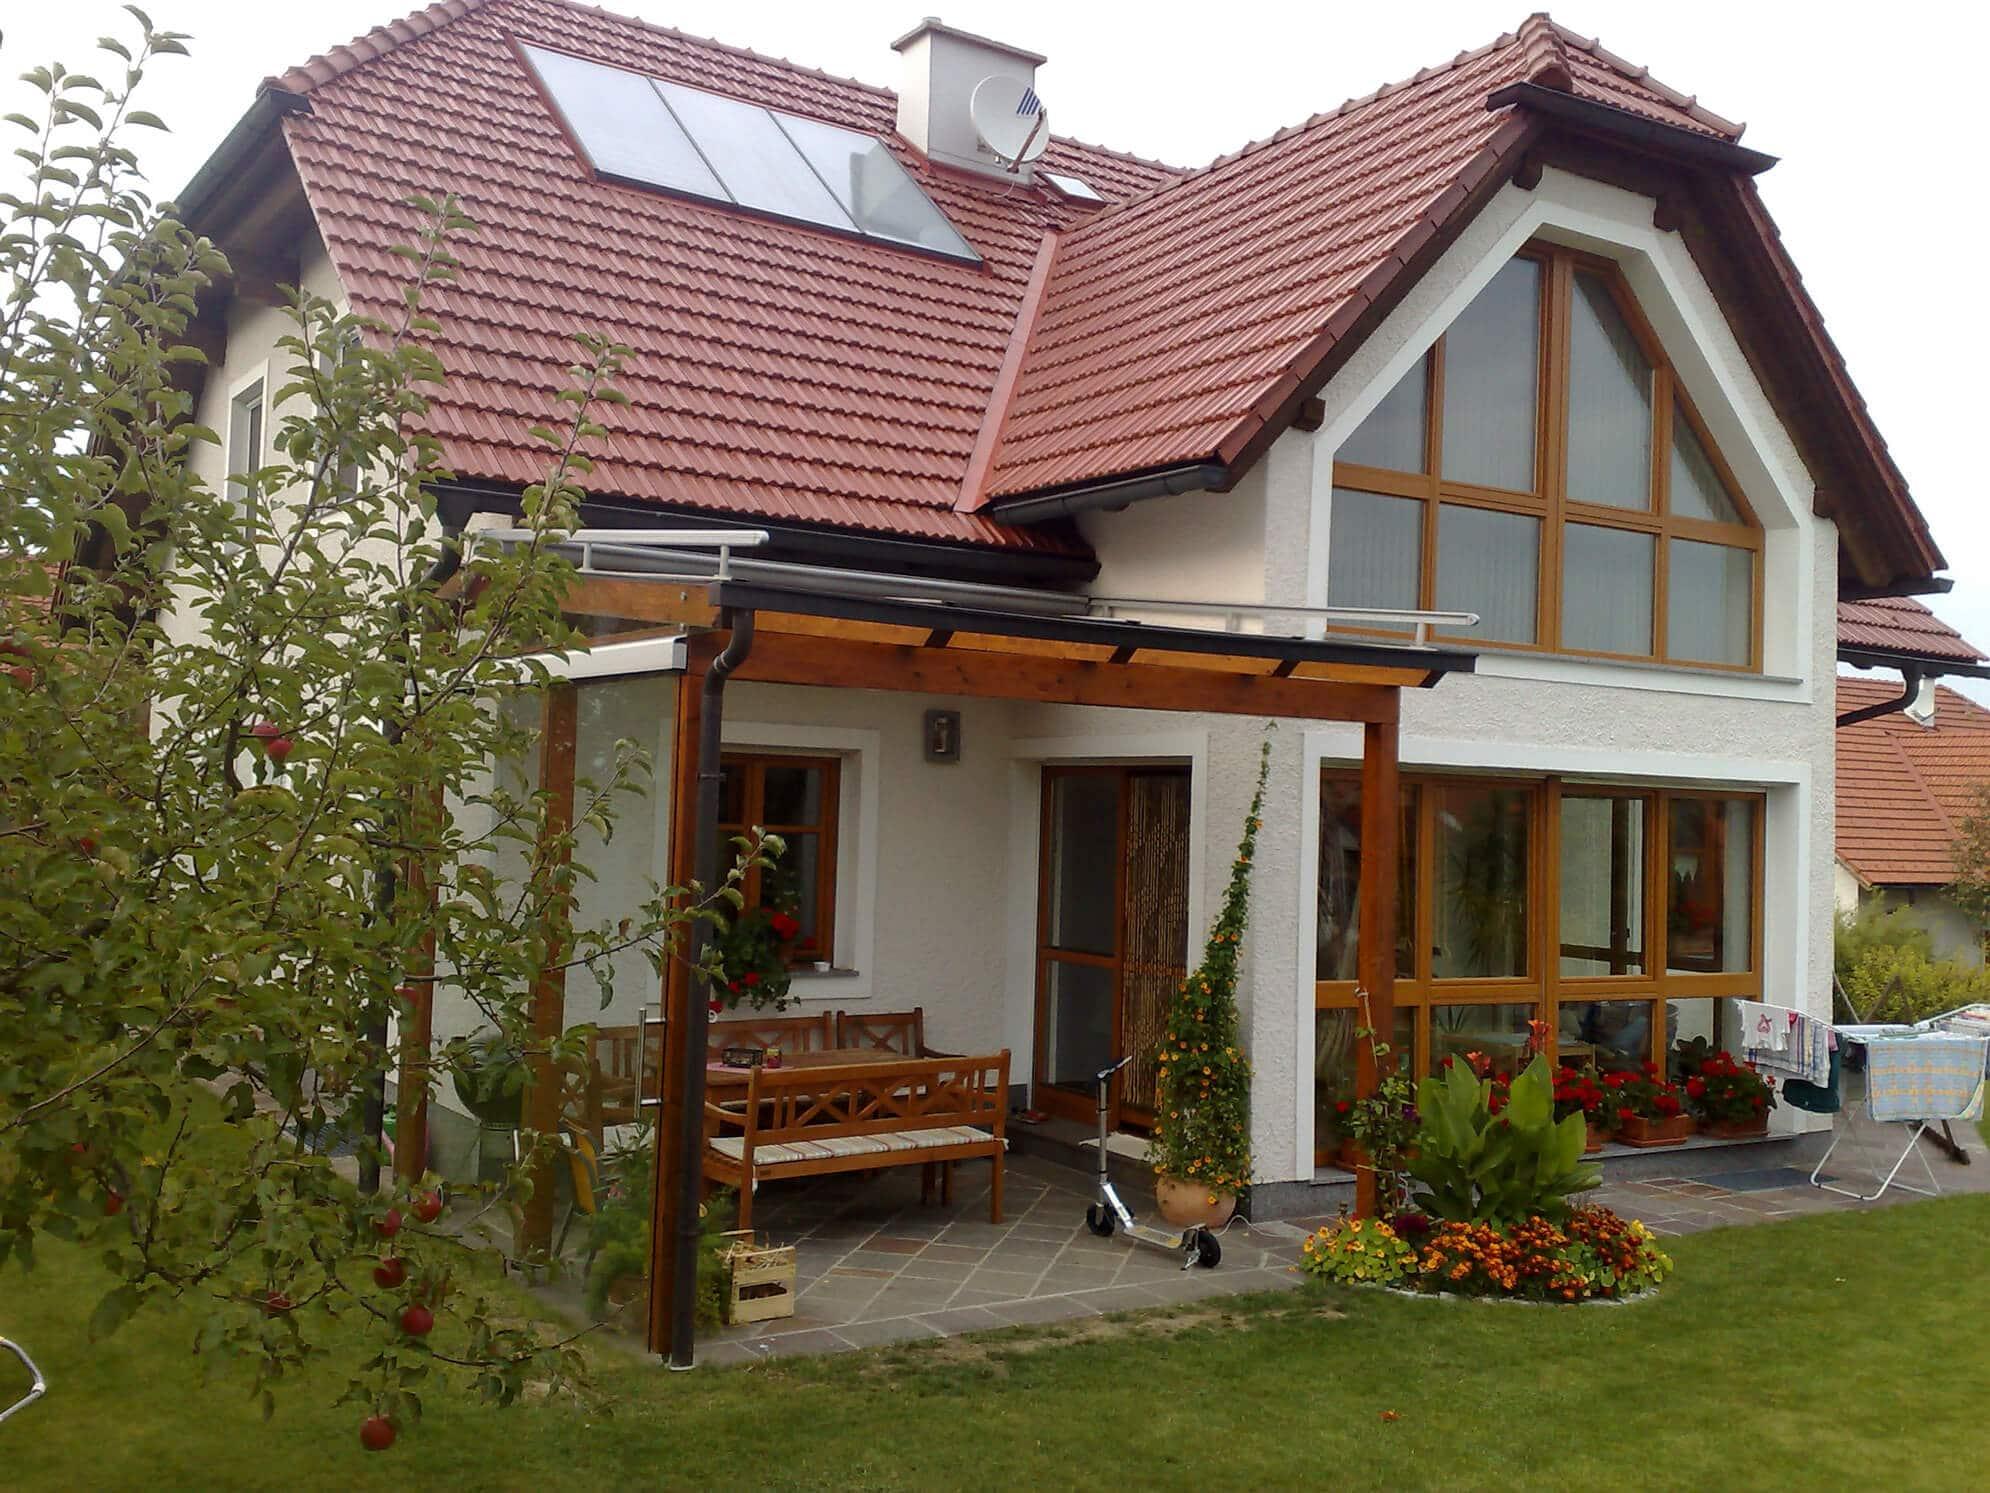 mit glasdach top garage mit glasdach with mit glasdach pergola mit glasdach beste with pergola. Black Bedroom Furniture Sets. Home Design Ideas